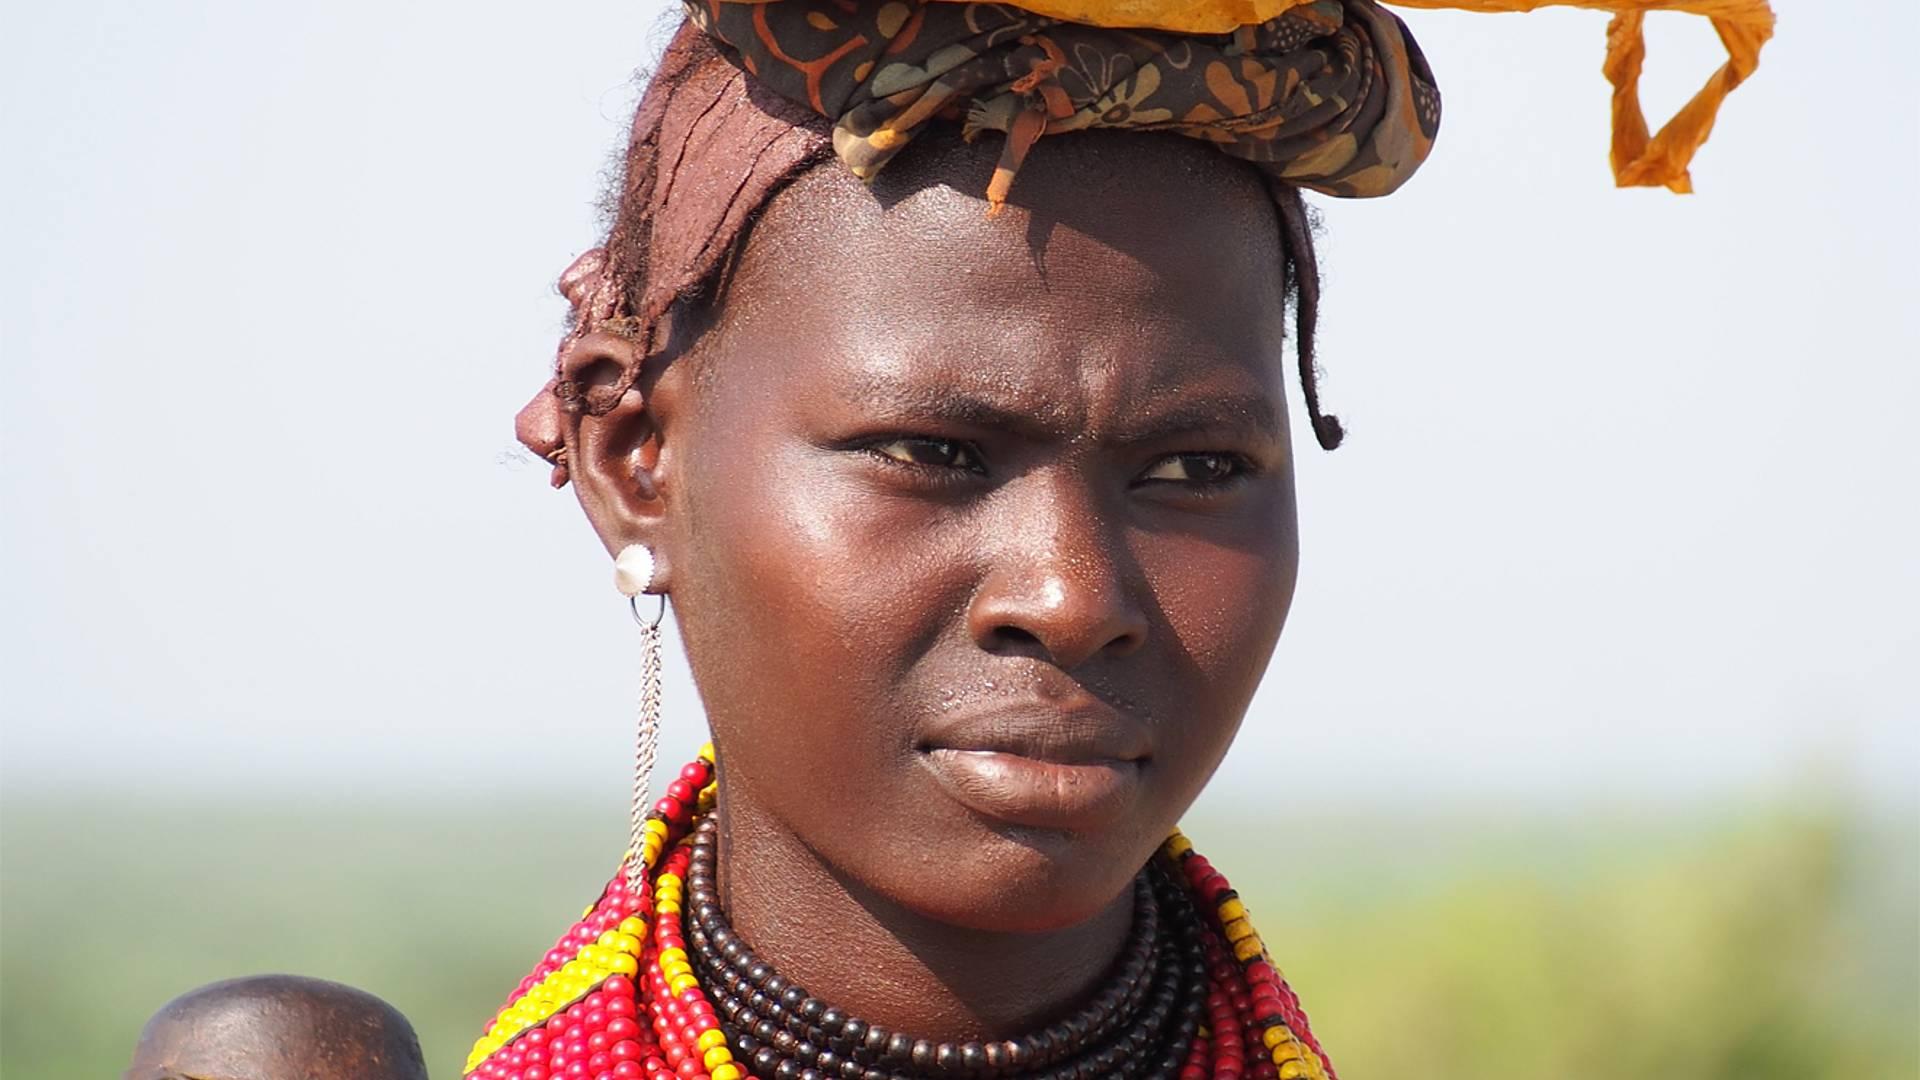 Begegnungen am Großen Afrikanischen Grabenbruch